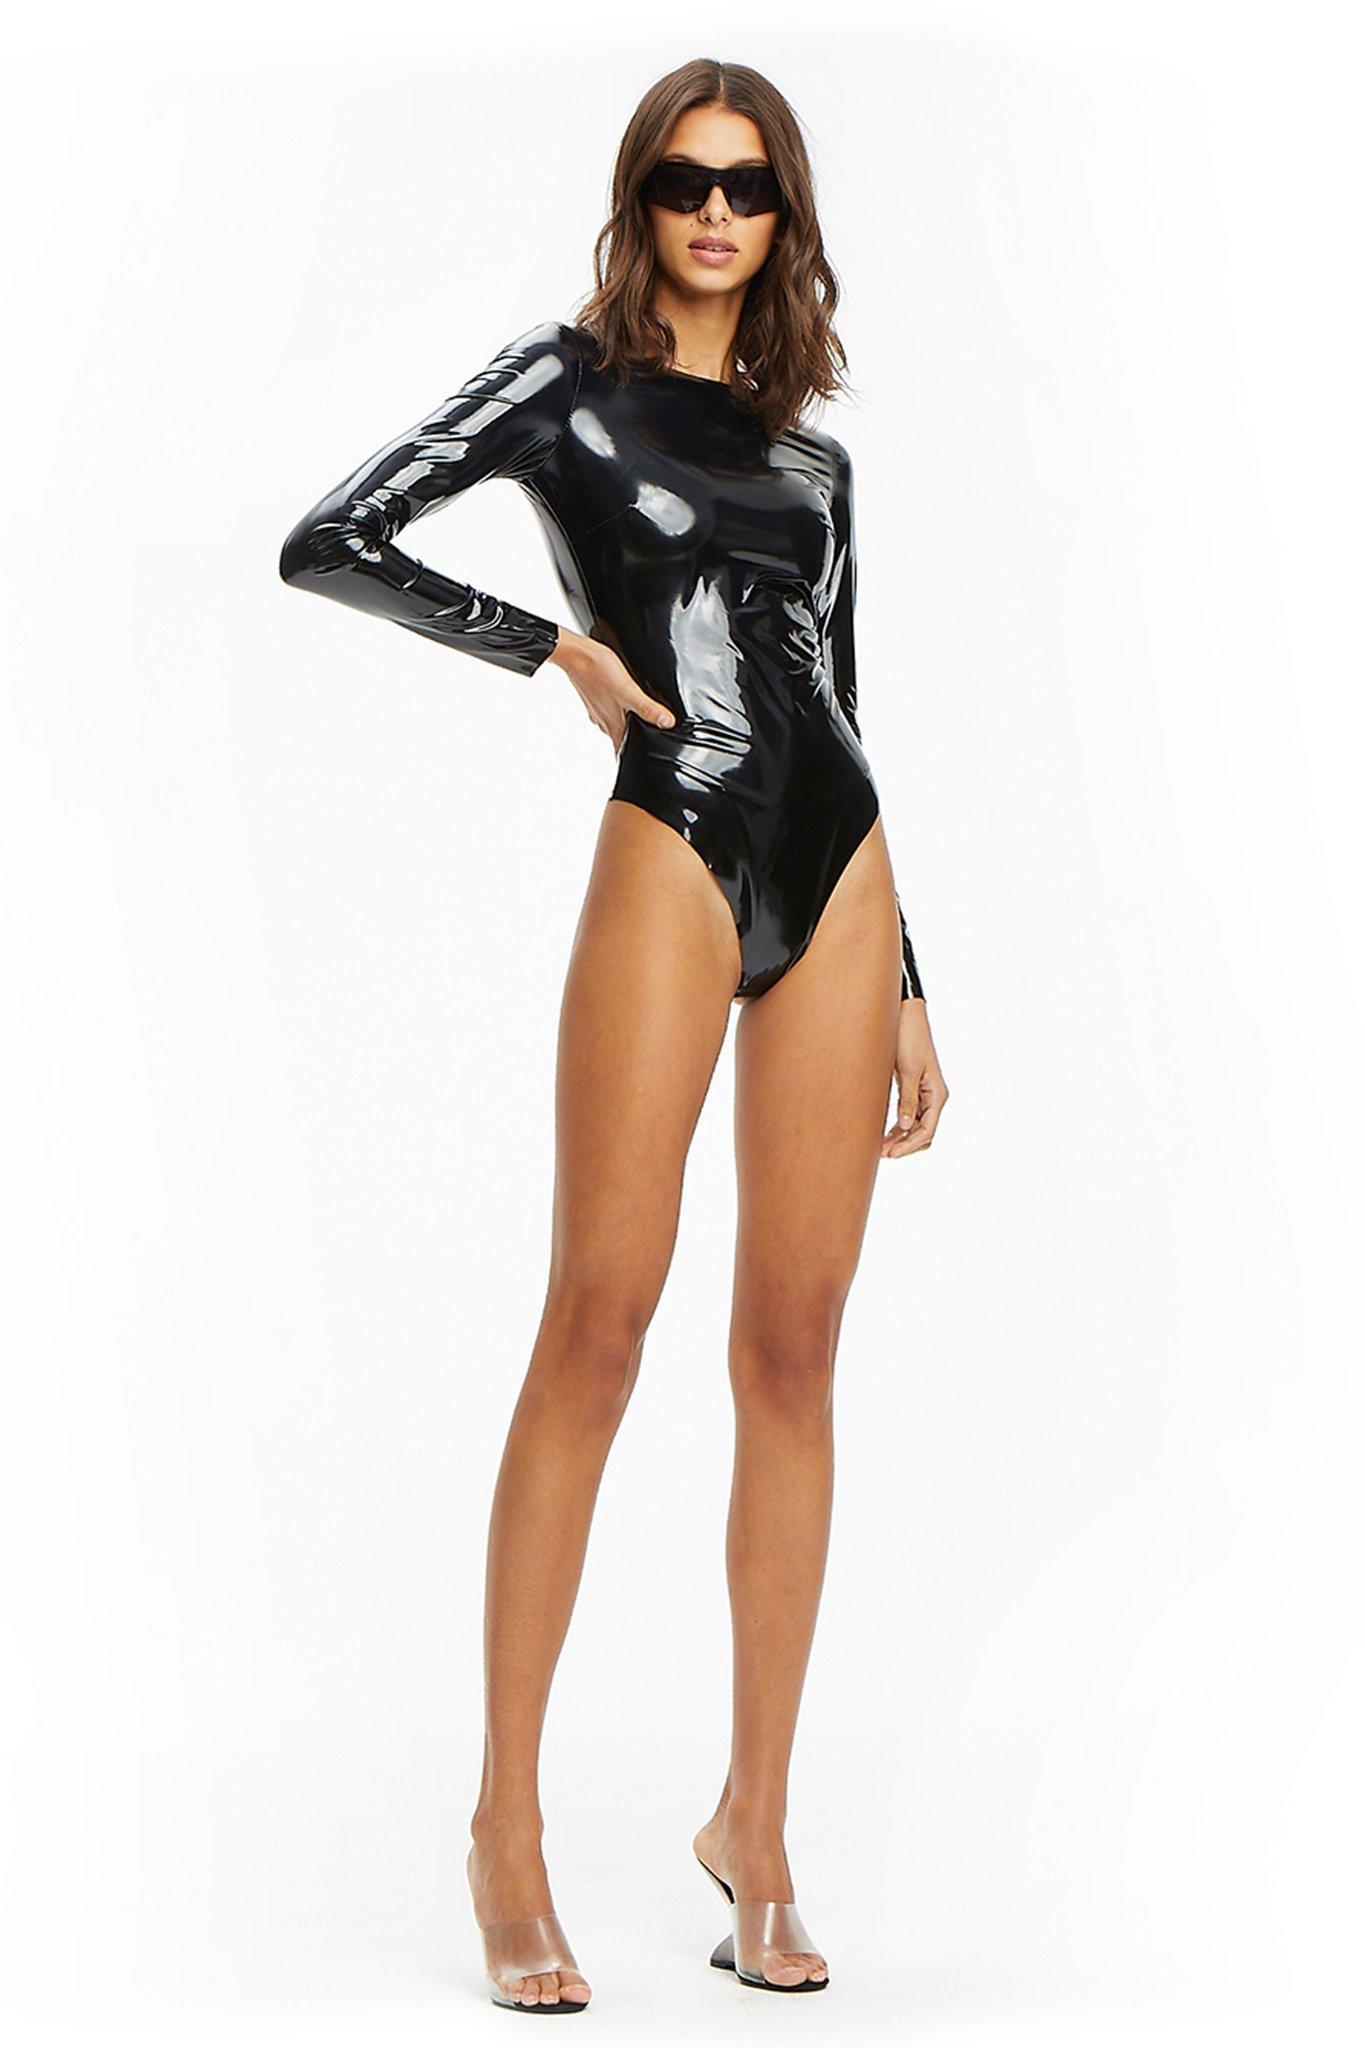 Feet Bruna Lirio naked (29 photo), Sexy, Hot, Instagram, underwear 2015